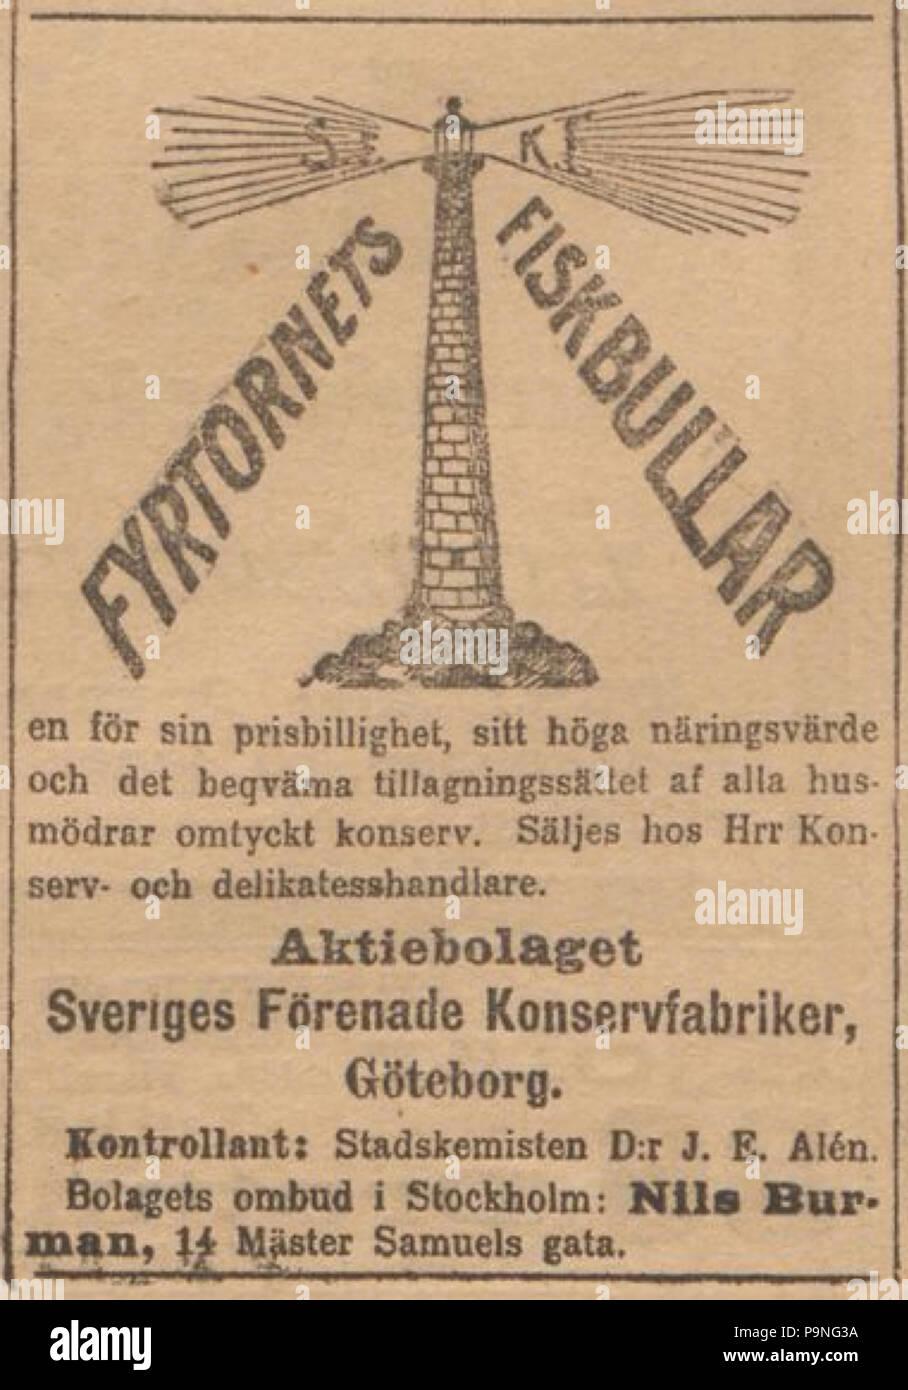 24 1899-05-08. Annons för AB Sveriges förenade konservfabriker i Svenska Dagbladet Stock Photo